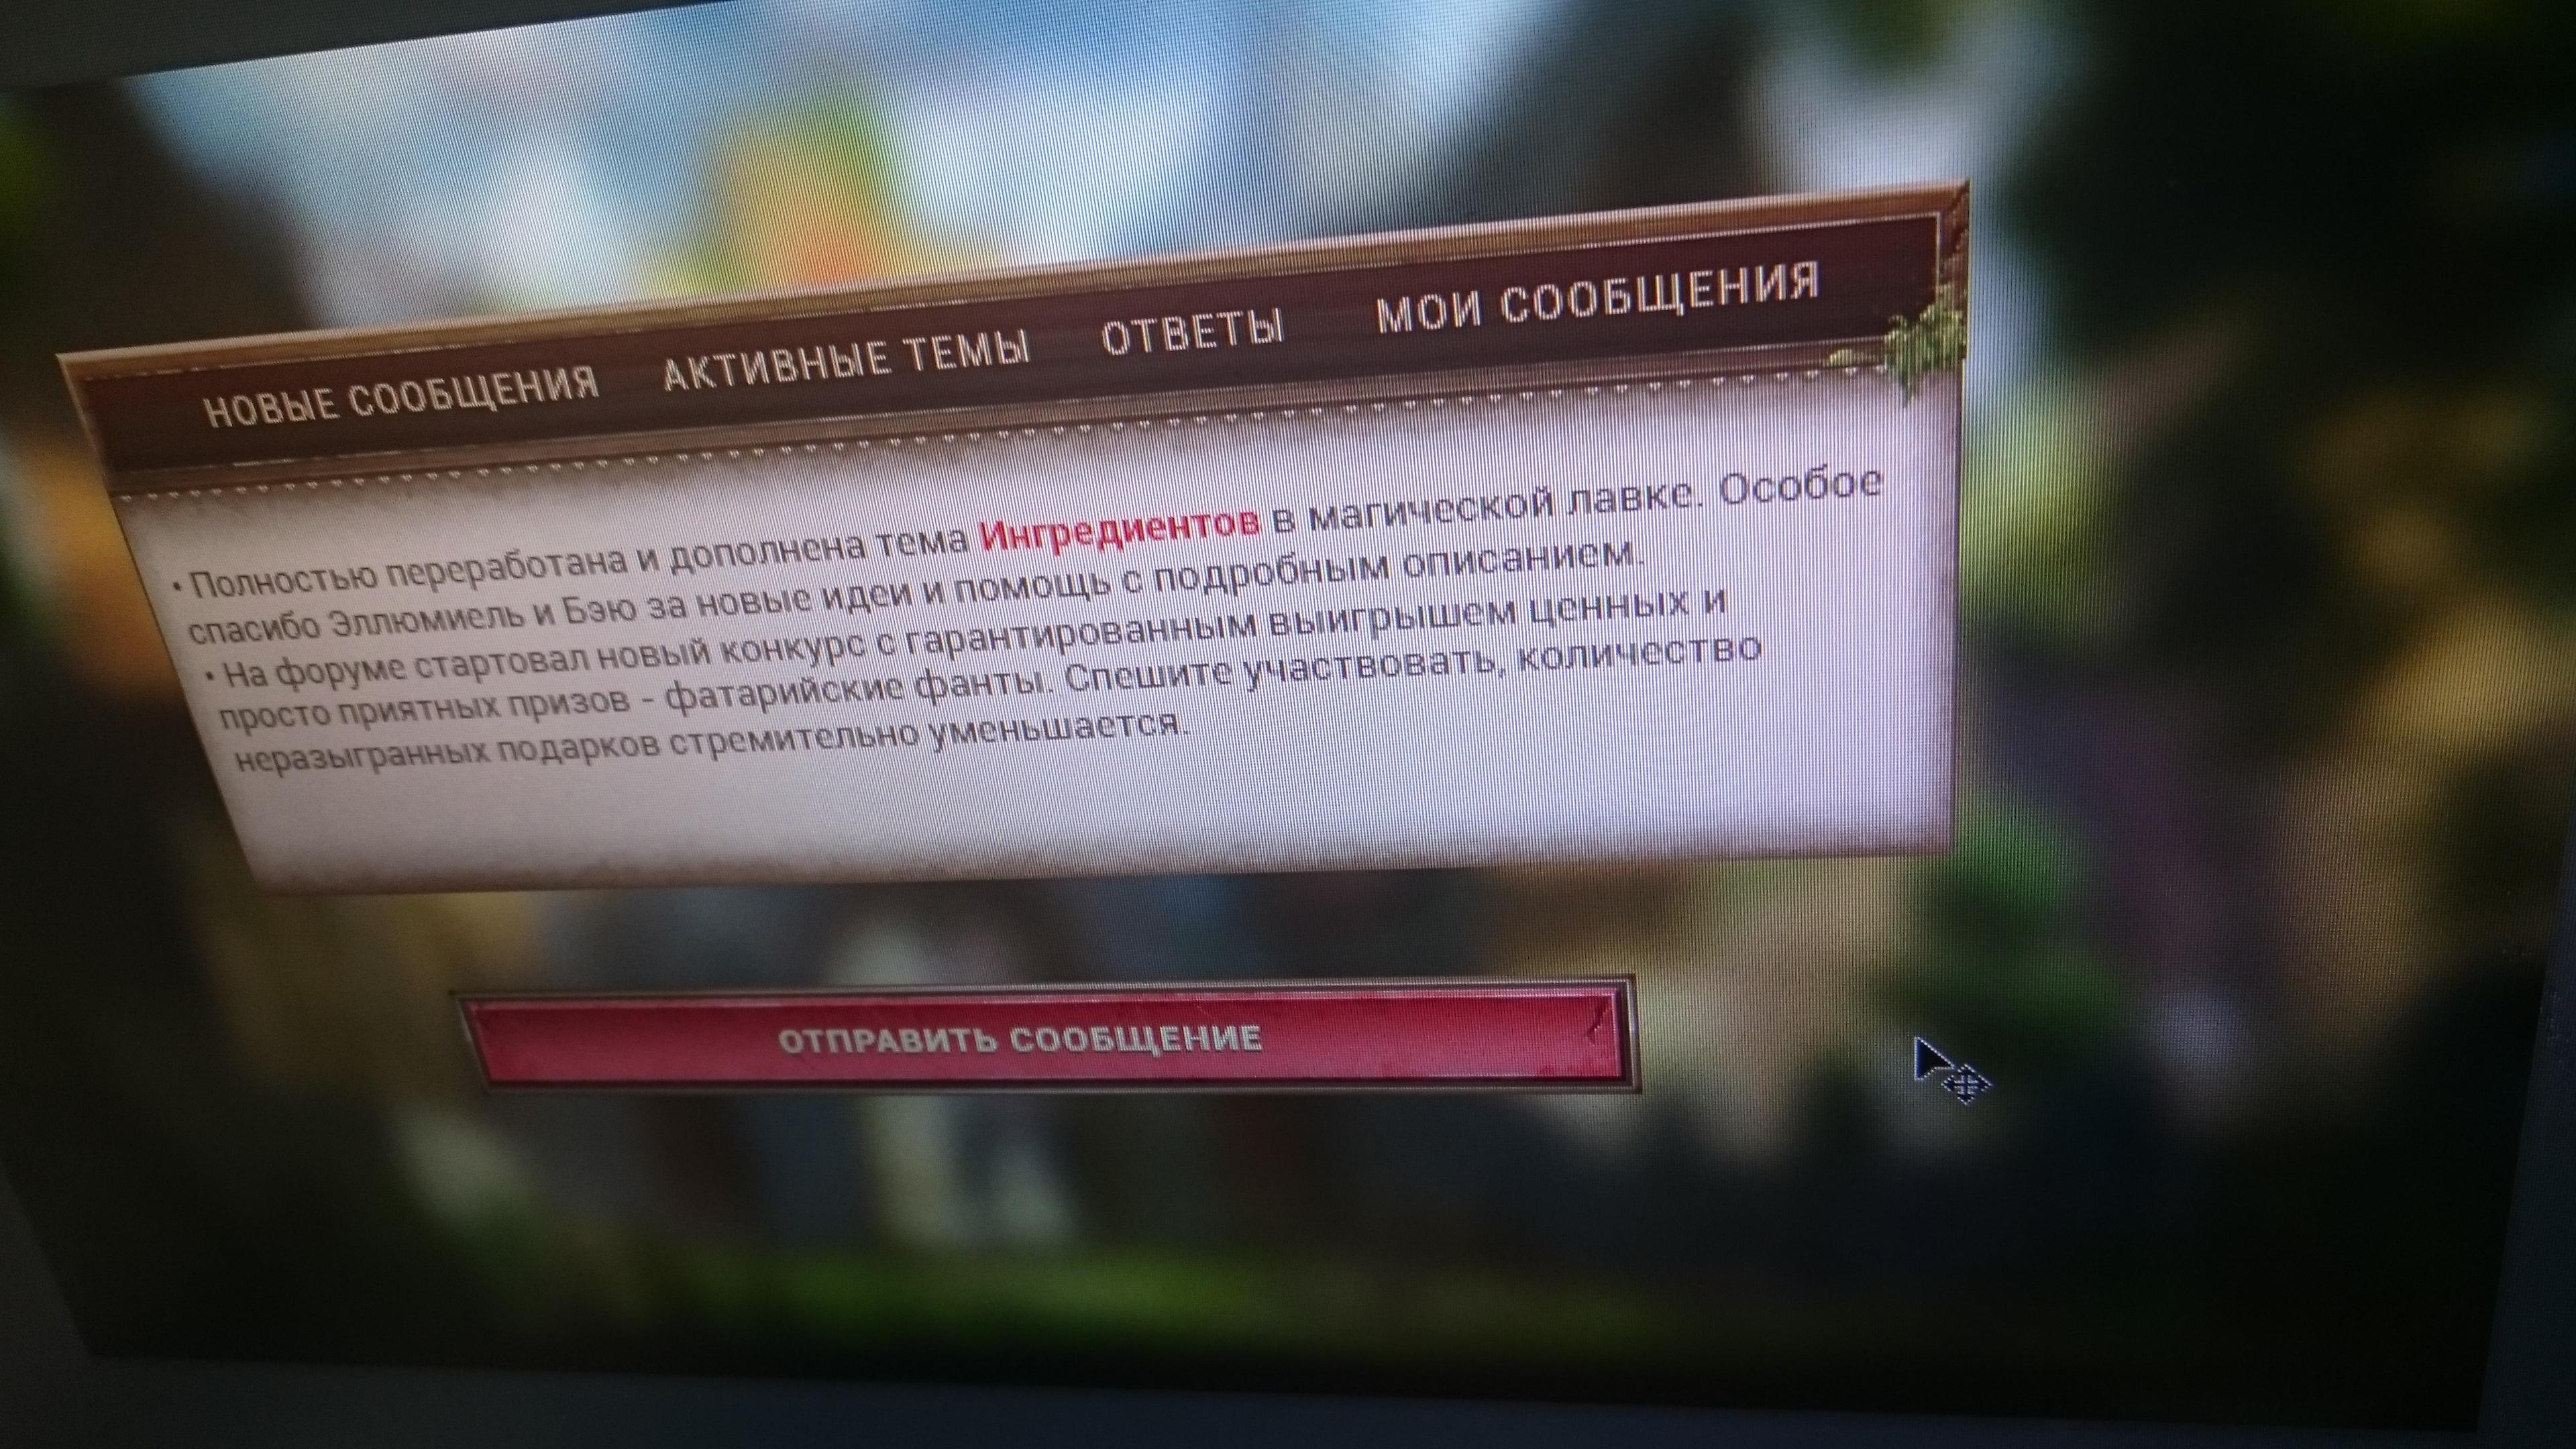 http://s2.uploads.ru/umJb5.jpg